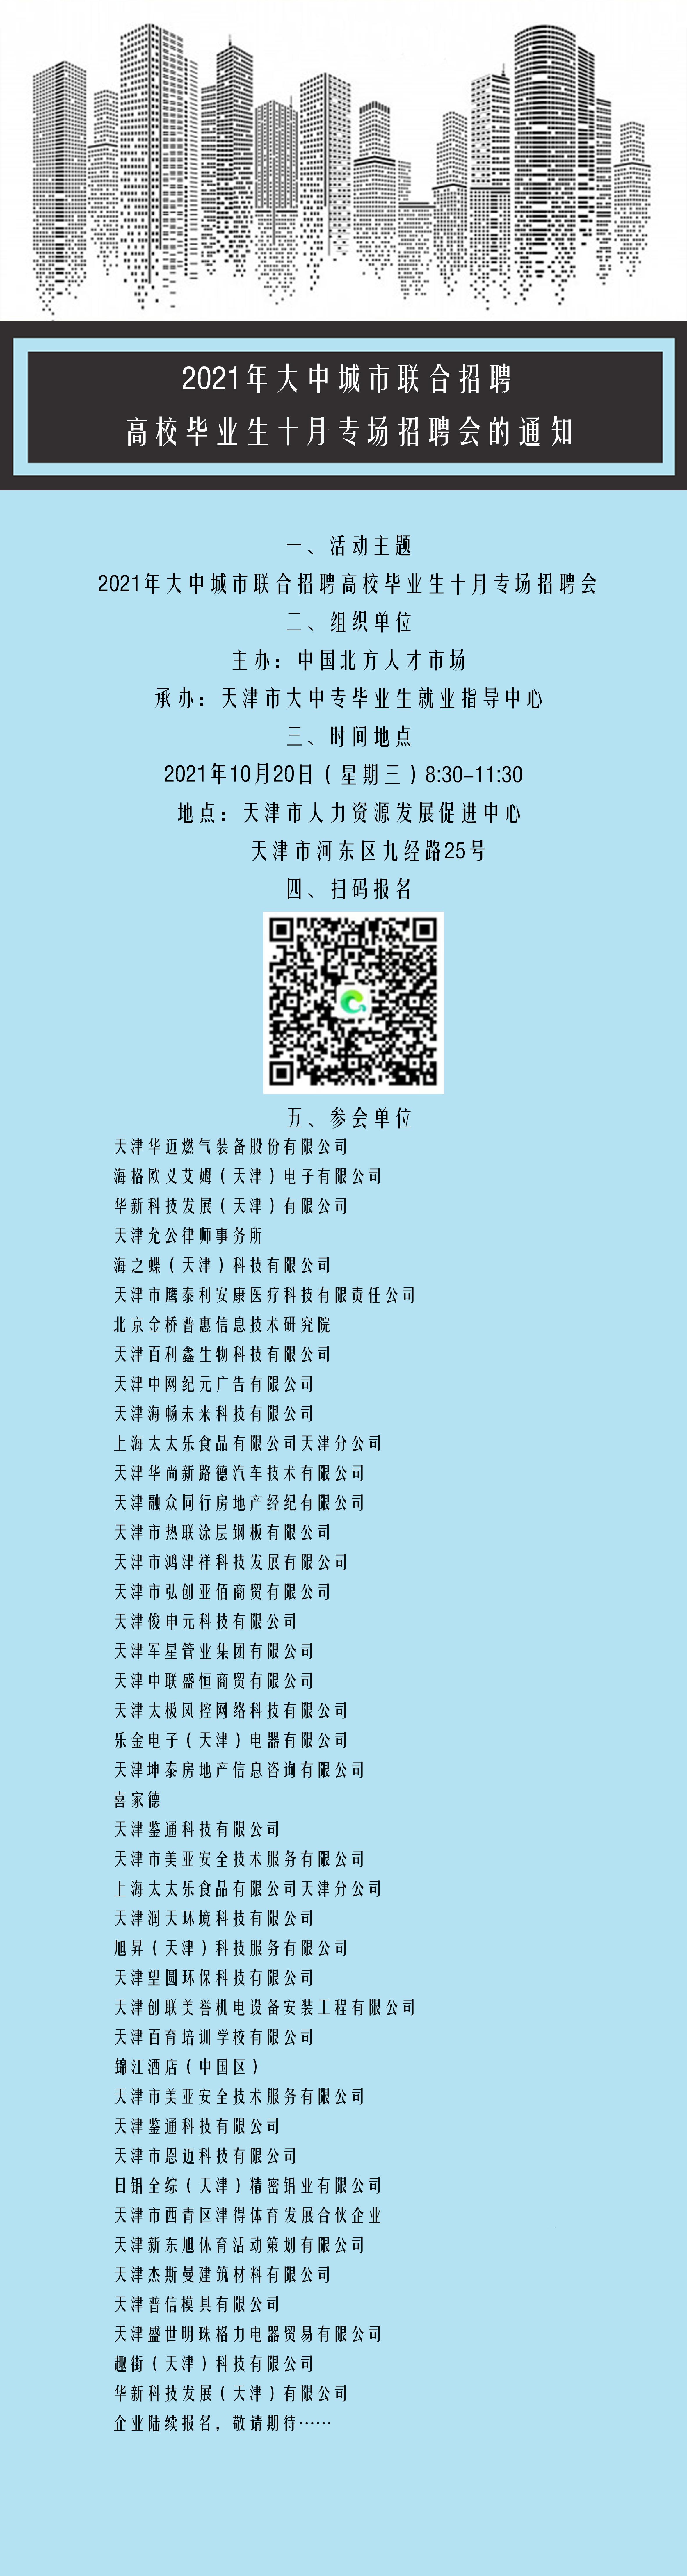 微信图片_20211013152820.jpg